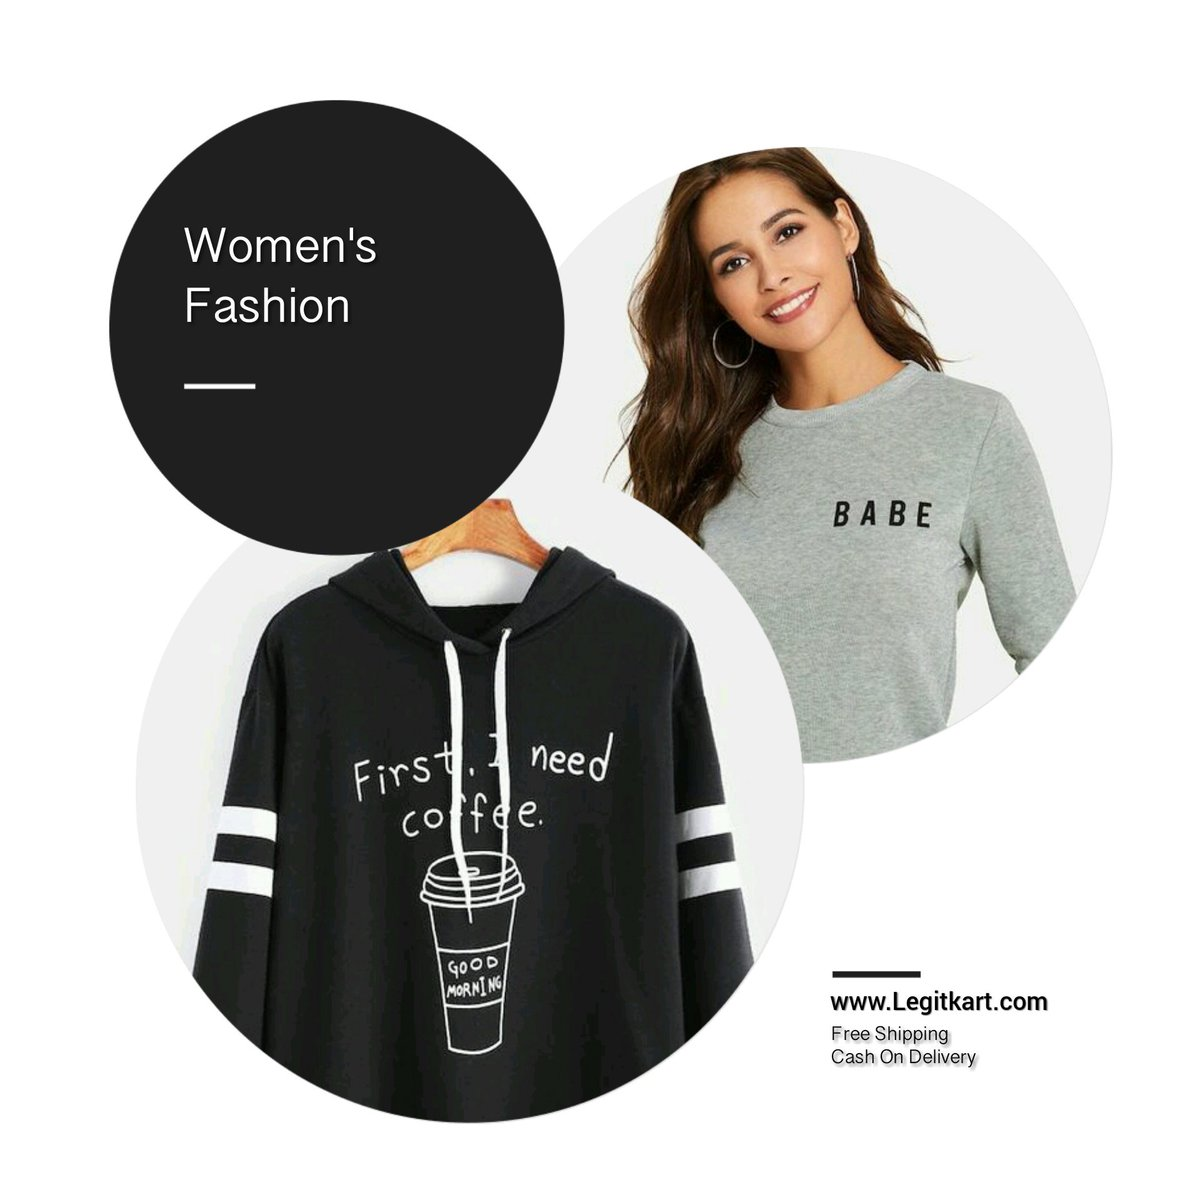 6fb02f30 Legitkart.com Get Free Shipping | Pay Cash On Delivery | Easy Returns @ legitkart #Legitkart #style #fashion #tshirt #shopping #womensfashion  #freeshipping ...